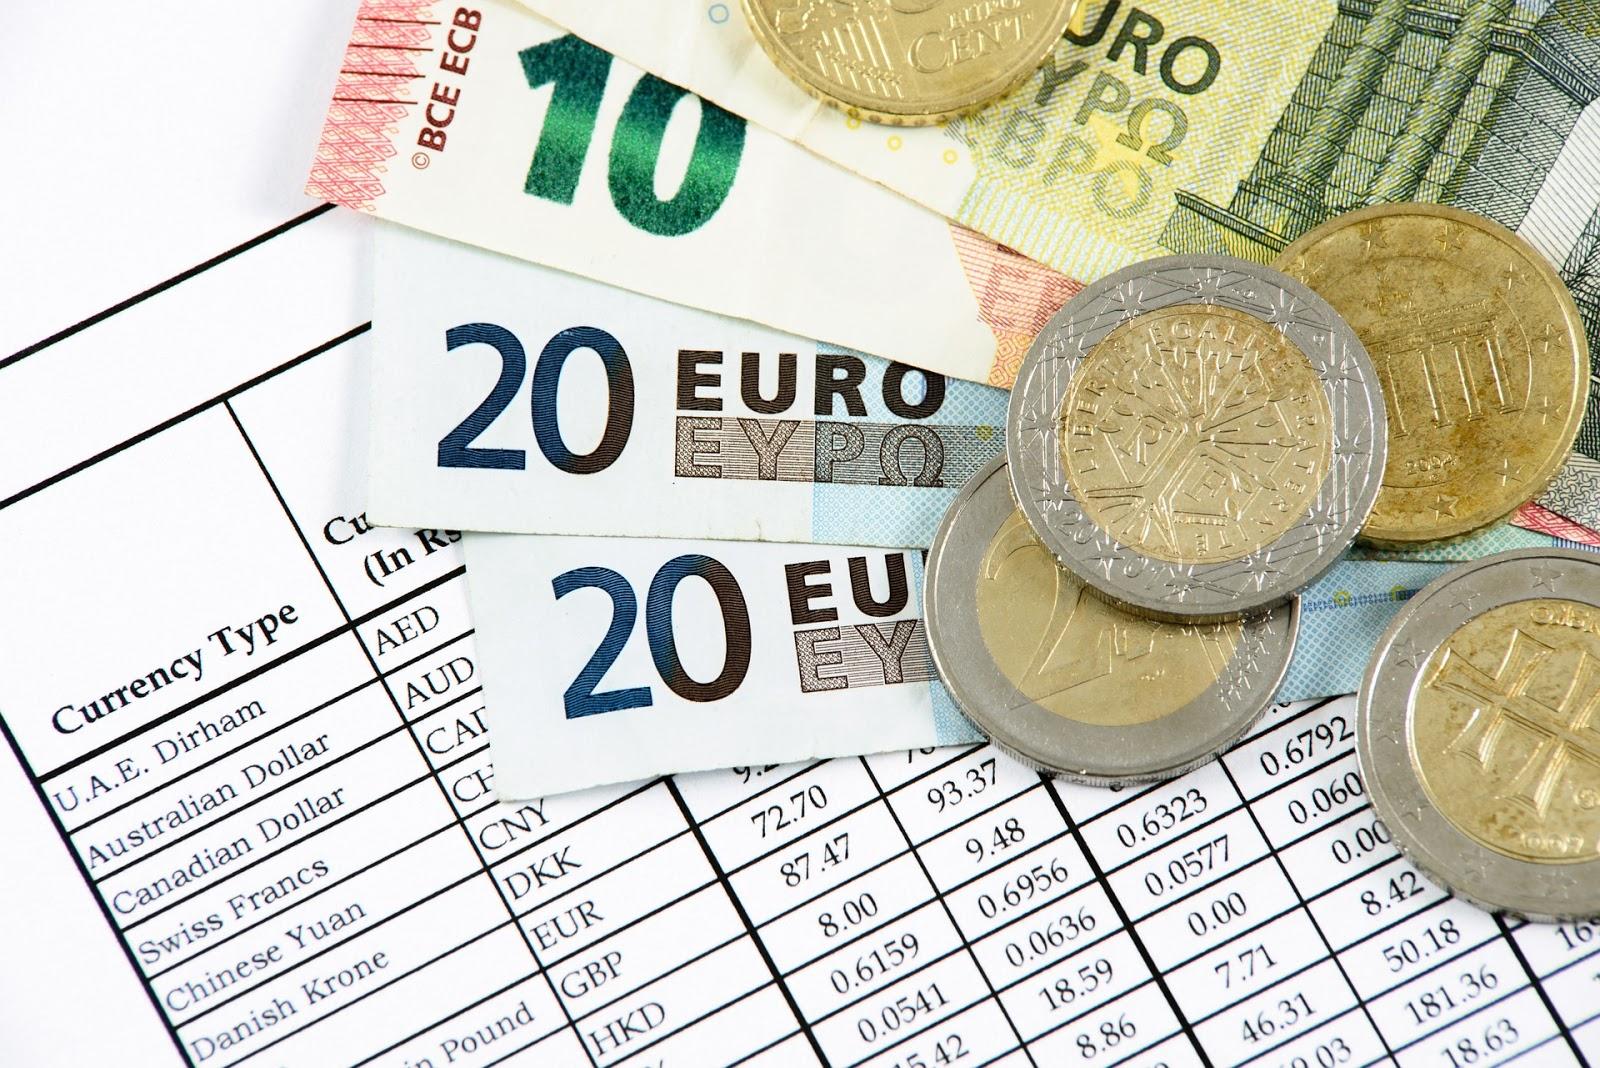 100 درهم - عملة ورقية